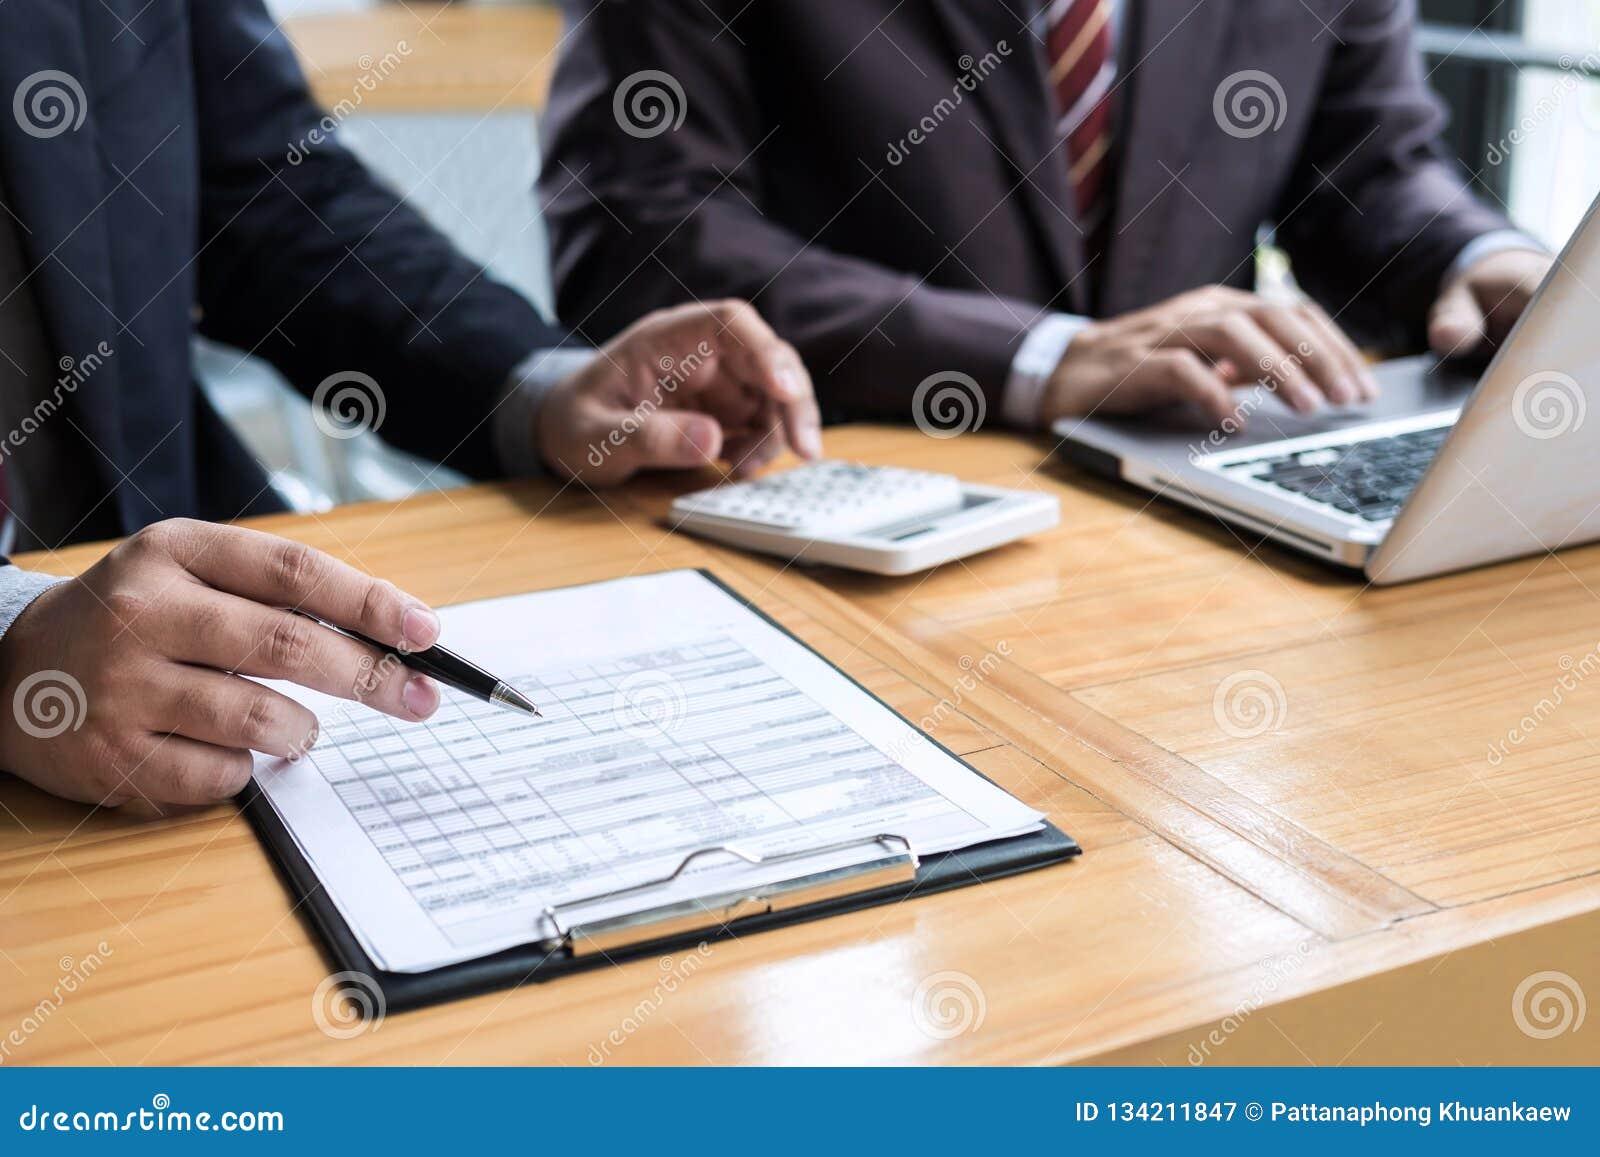 Conferência de funcionamento do Co, presente da reunião da equipe do negócio, colegas do acionista que discutem dados financeiros